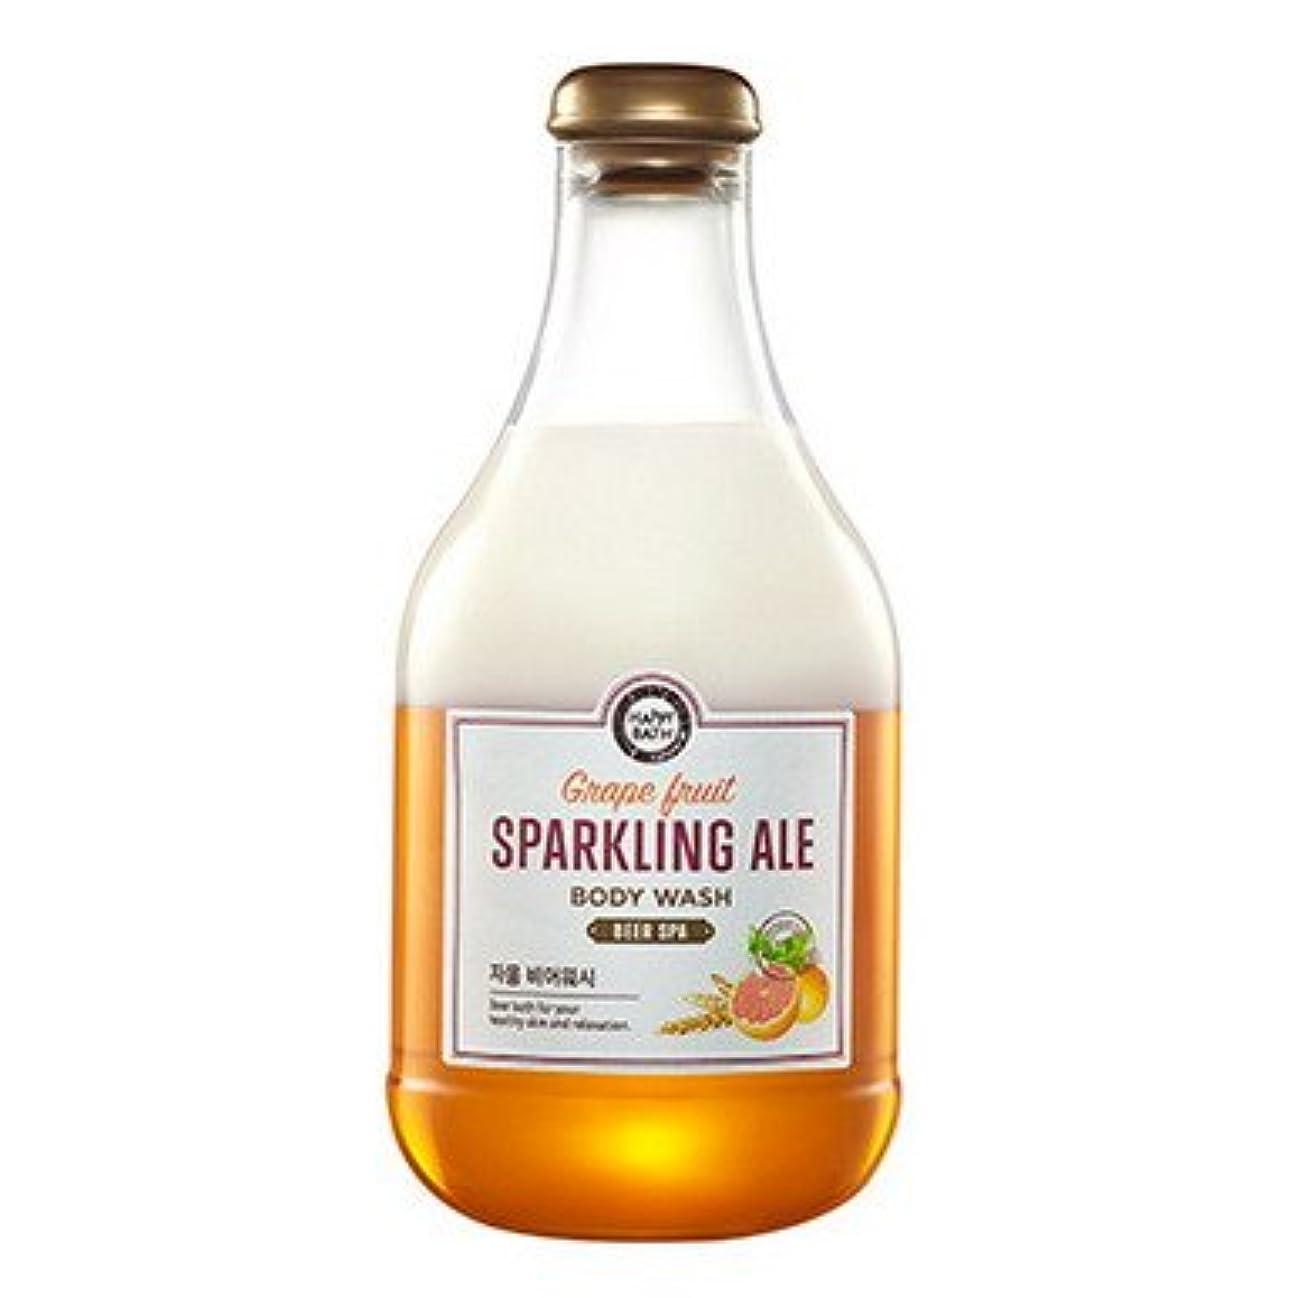 養う顕微鏡旋律的【Happy Bath】ビールスパ ボディウォッシュ 300ml (4種類選択1) (グレープフルーツビール) [並行輸入品]